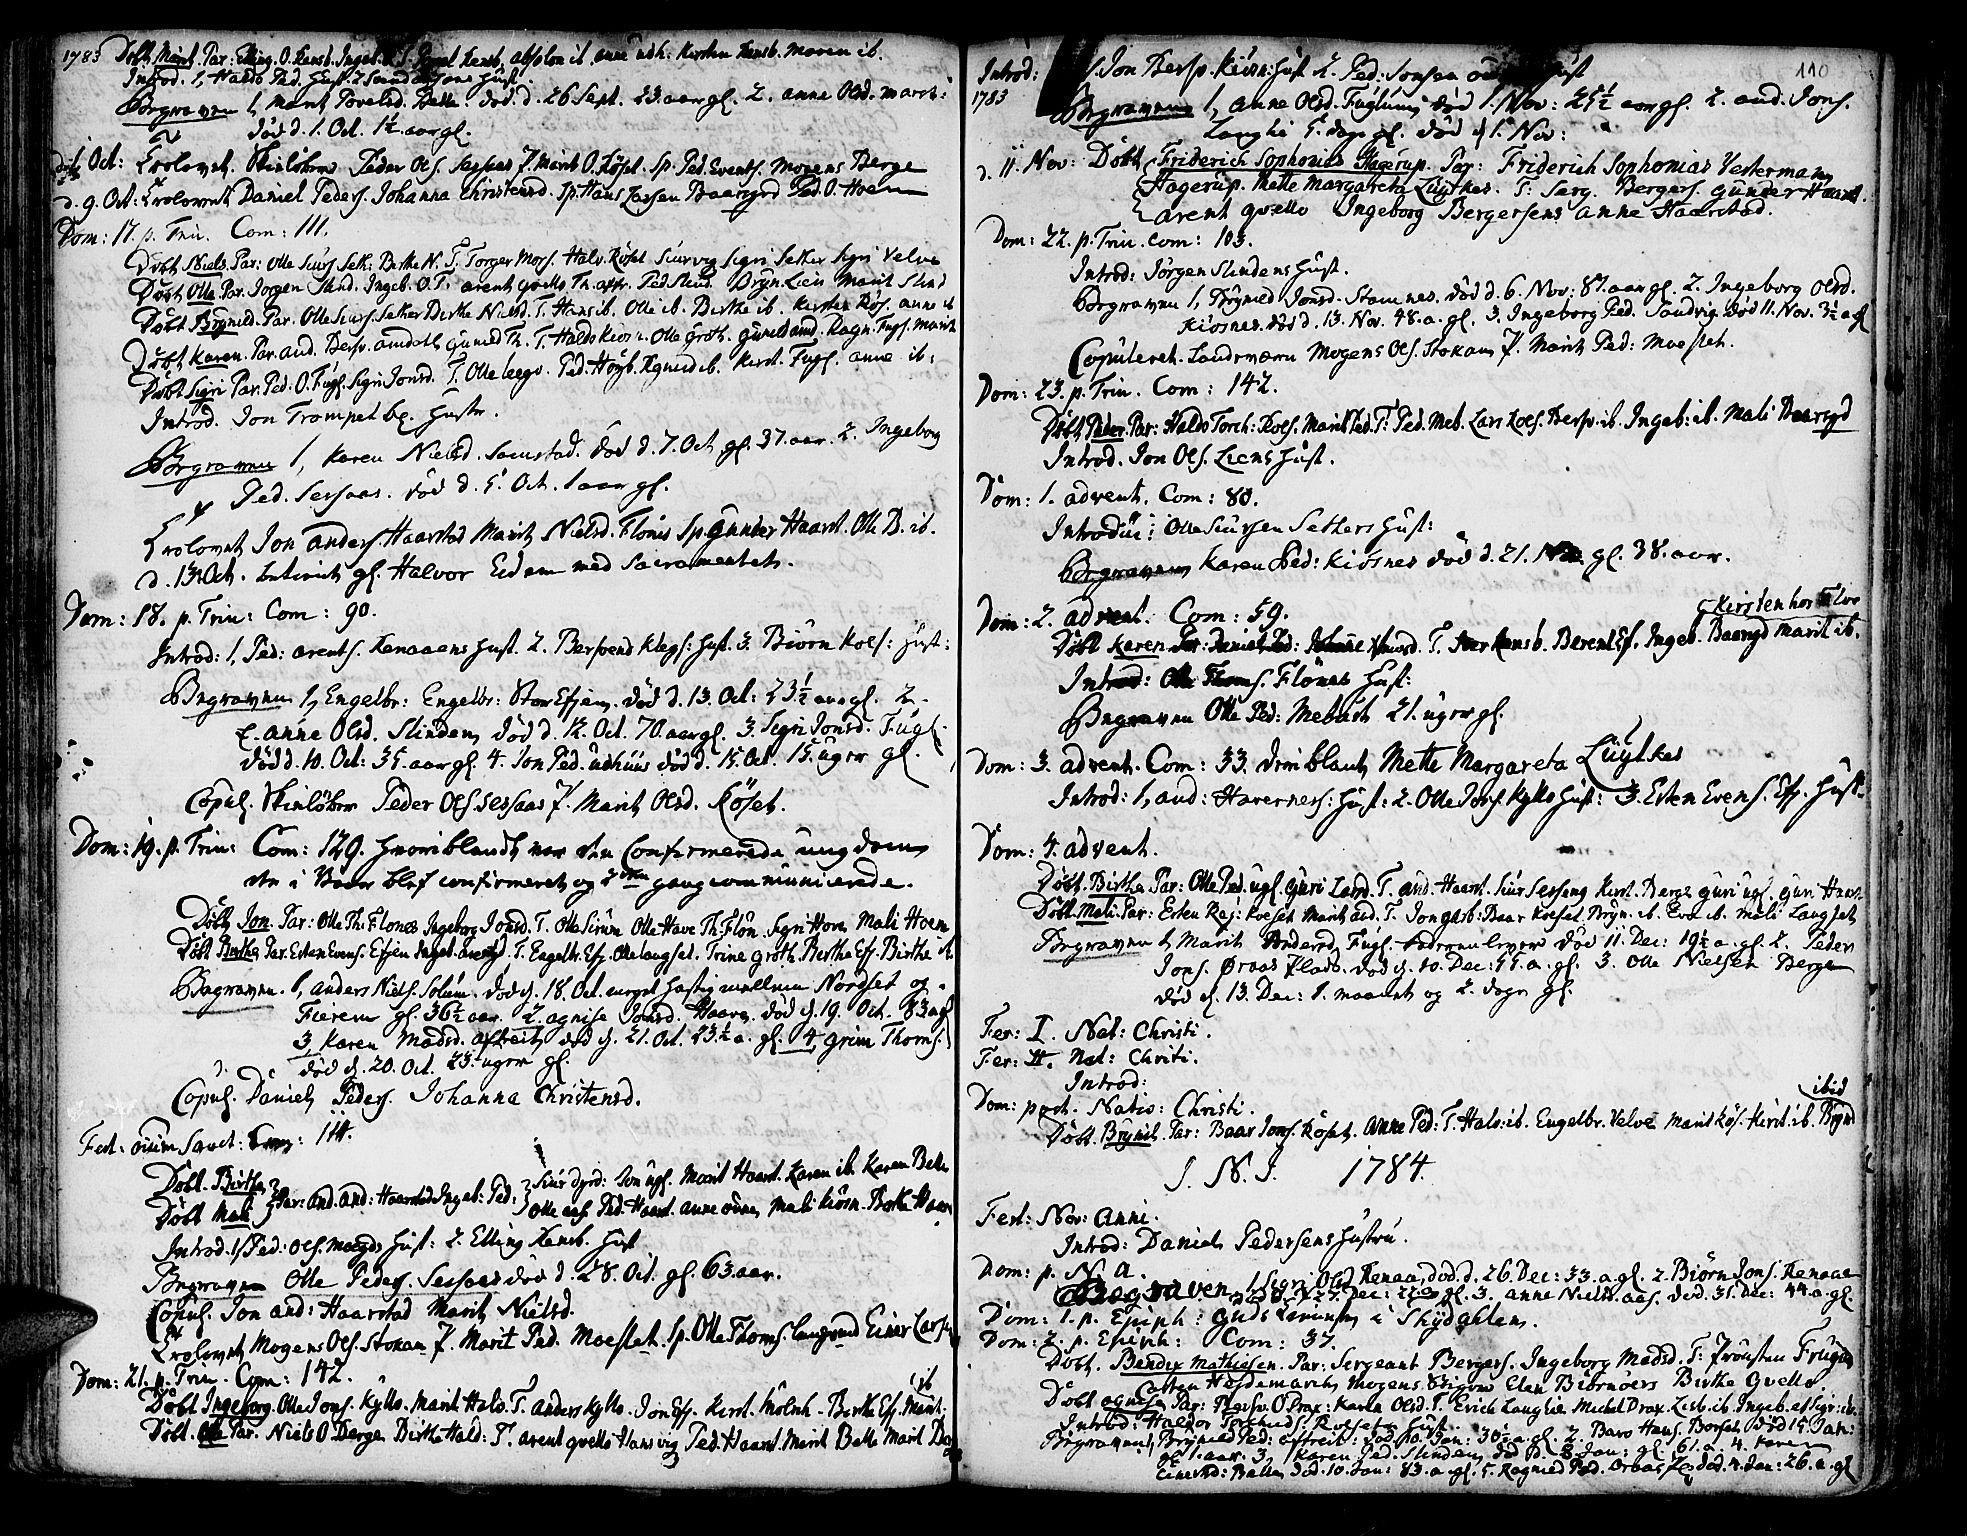 SAT, Ministerialprotokoller, klokkerbøker og fødselsregistre - Sør-Trøndelag, 695/L1138: Ministerialbok nr. 695A02 /1, 1757-1801, s. 110